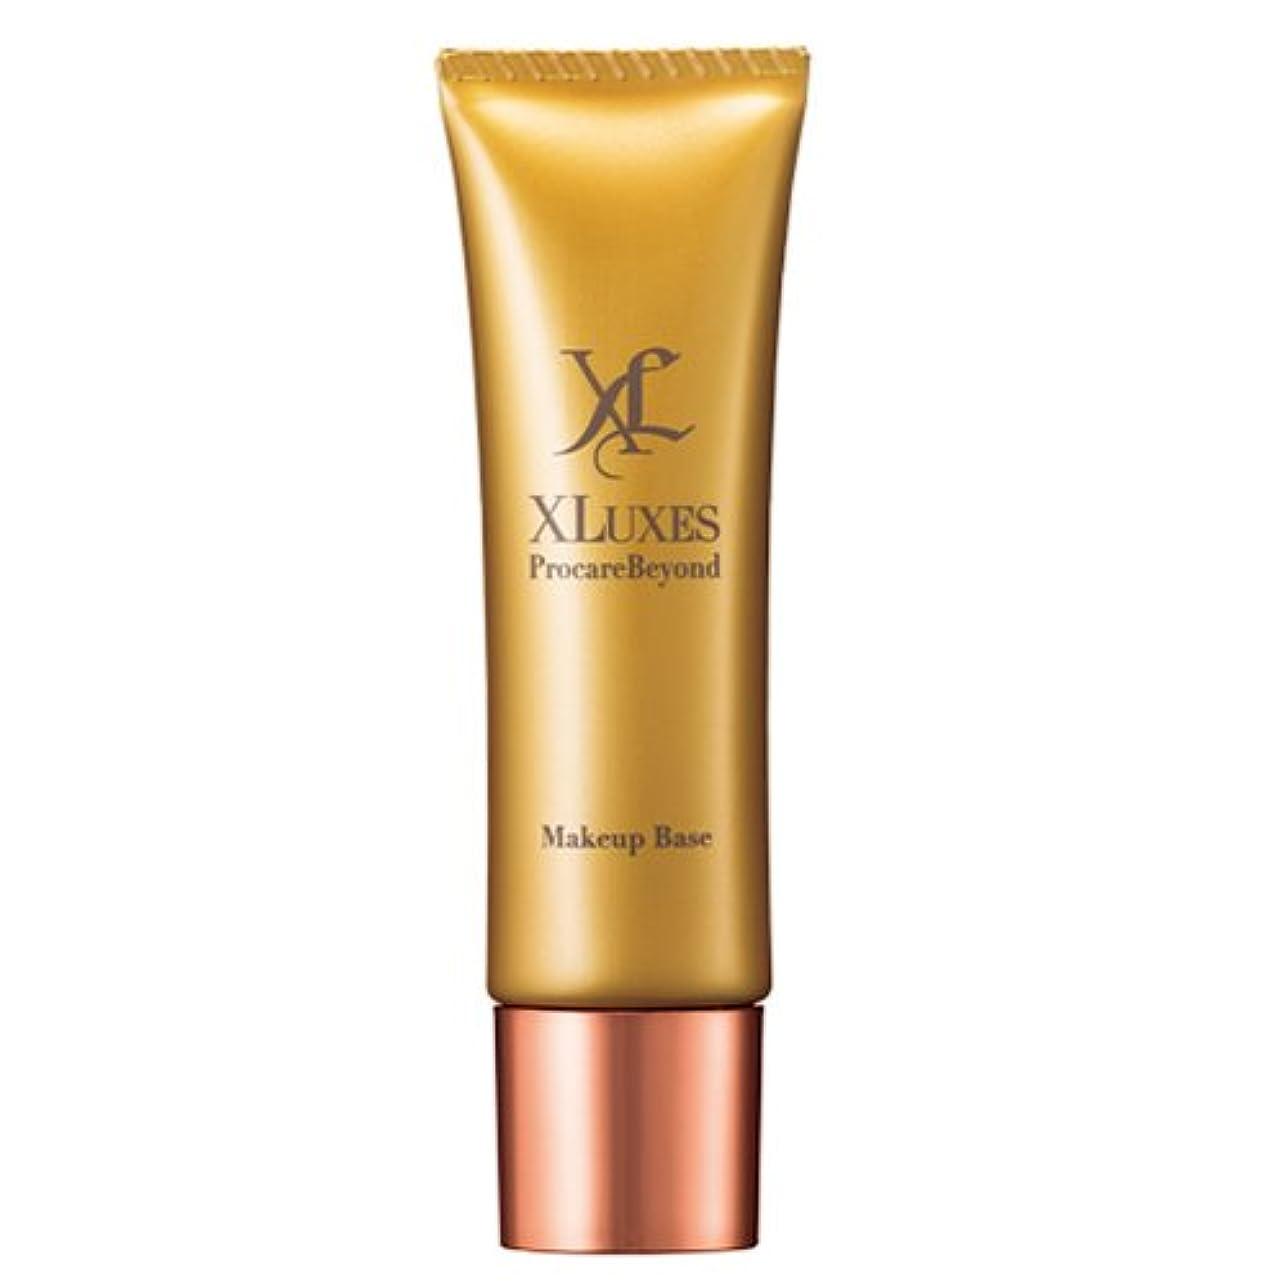 スワップ思い出一時停止XLUXES 化粧下地 (SPF50 PA+++) [ヒト幹細胞 培養液配合] プロケアビヨンド メイクアップベース 30g